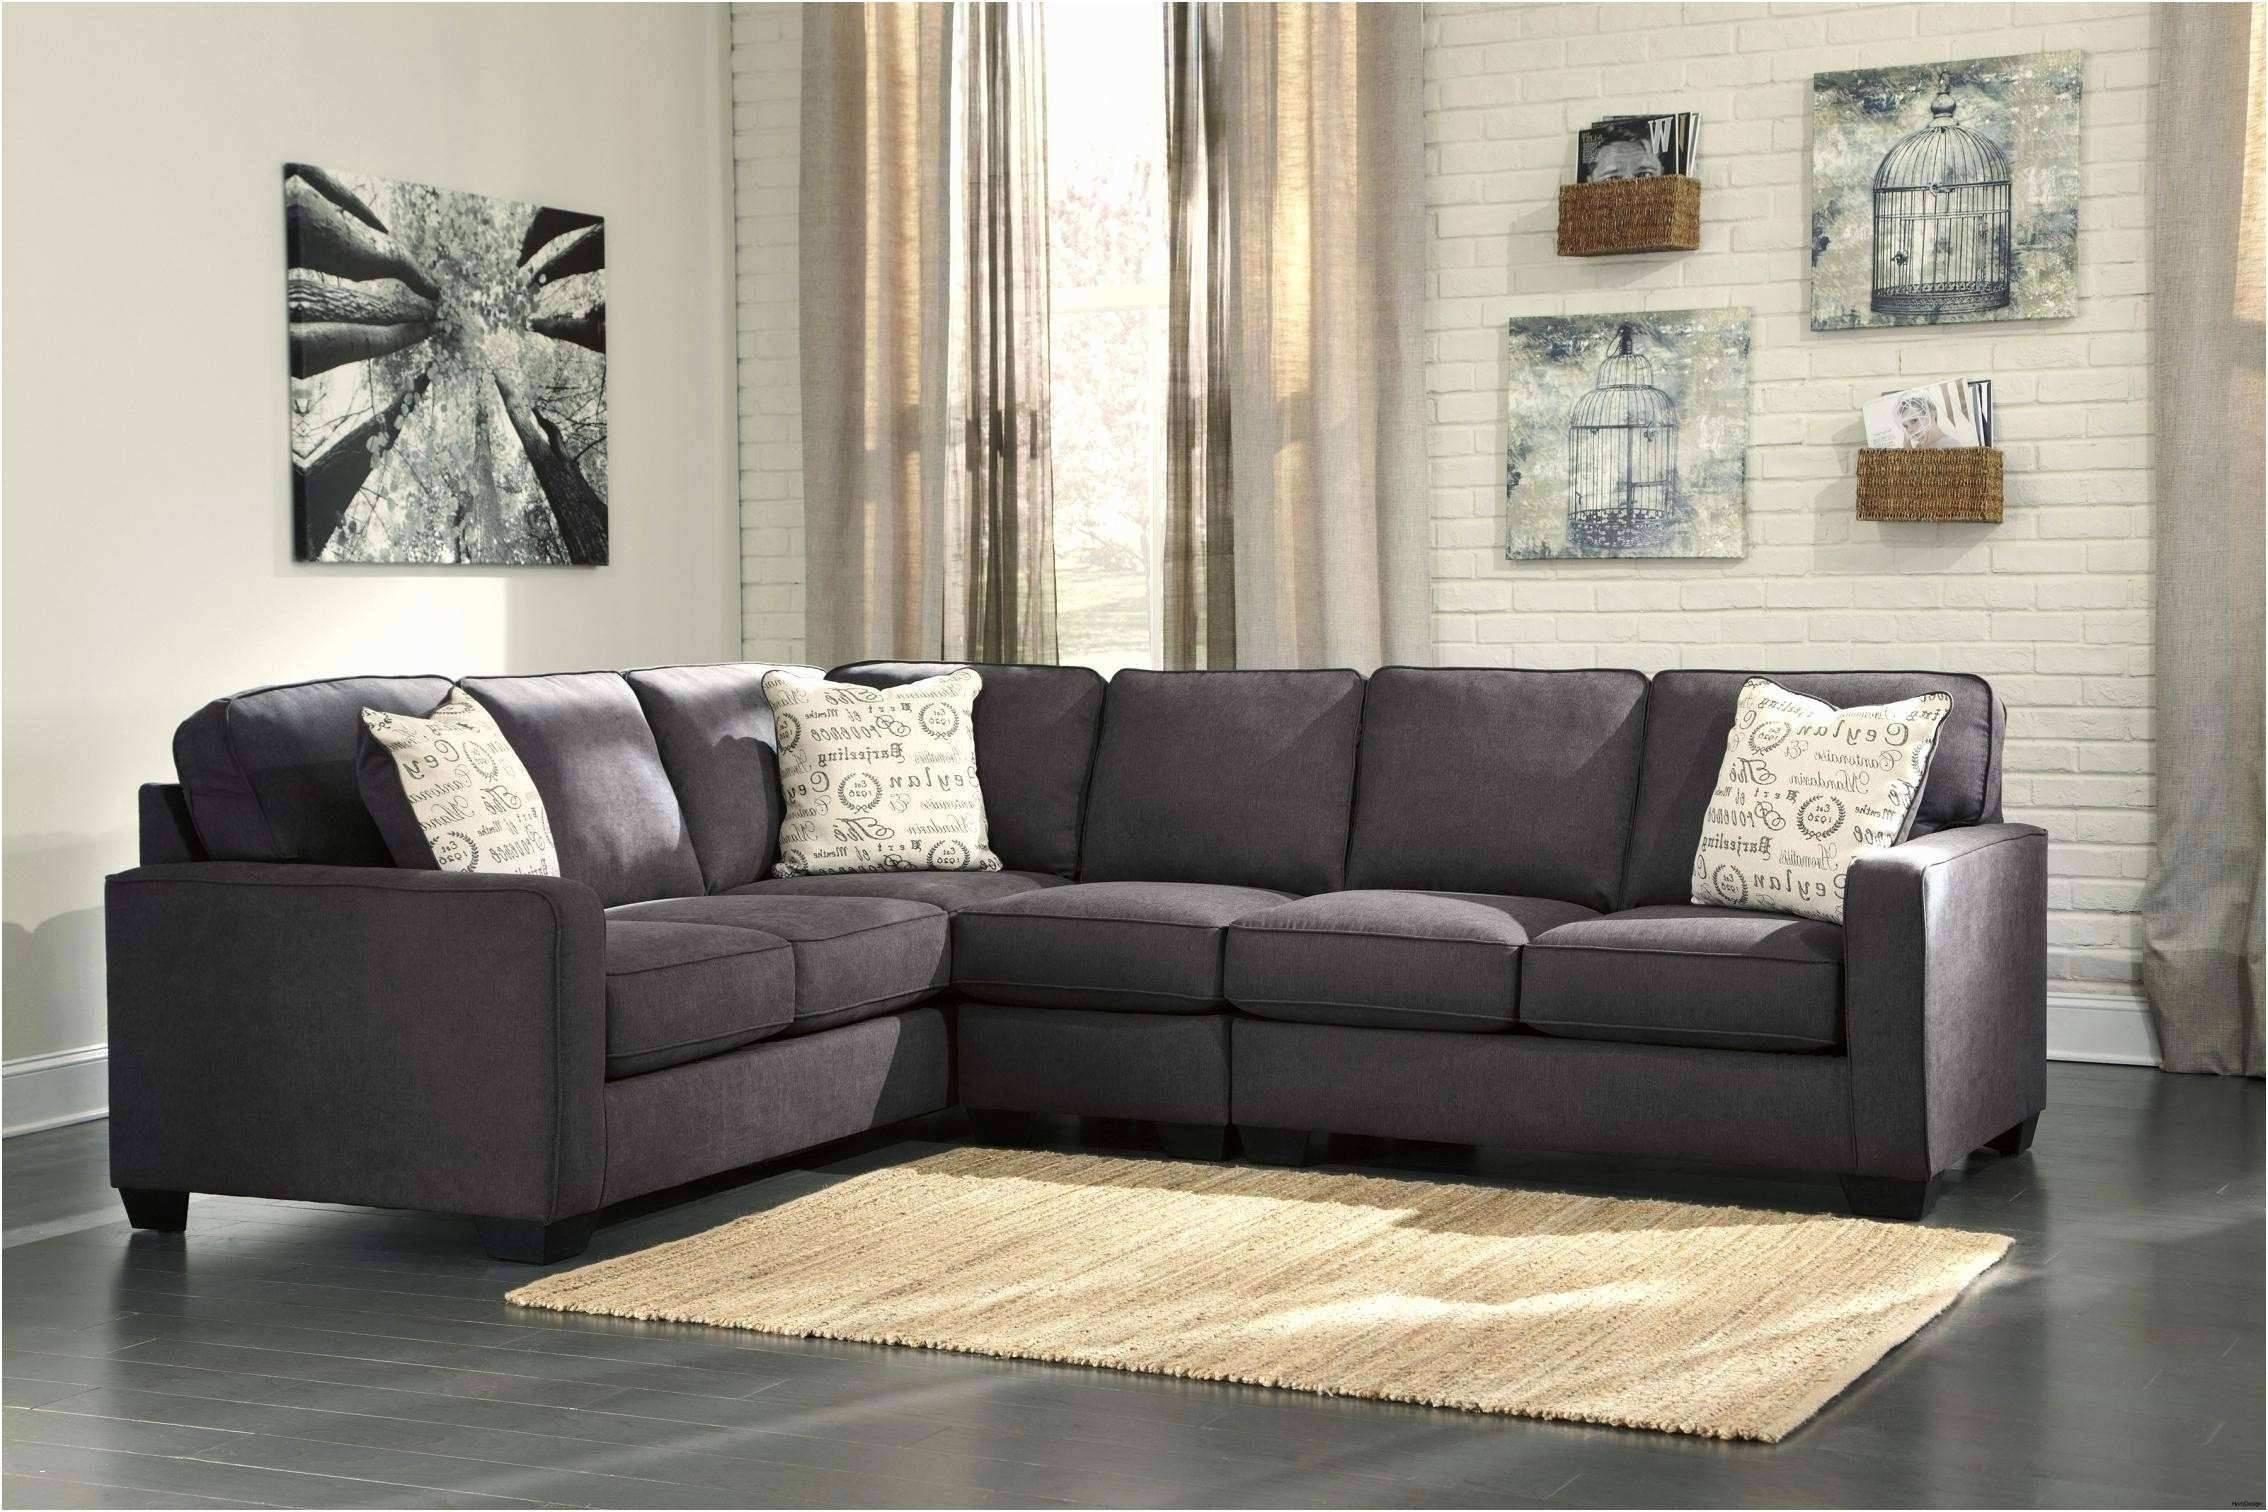 Full Size of Sofa Kaufen Günstig Wohnzimmer Couch Gnstig Inspirierend 50 Einzigartig Von 3 Sitzer Grau Online Impressionen Hülsta Mit Led Microfaser Halbrund Copperfield Sofa Sofa Kaufen Günstig